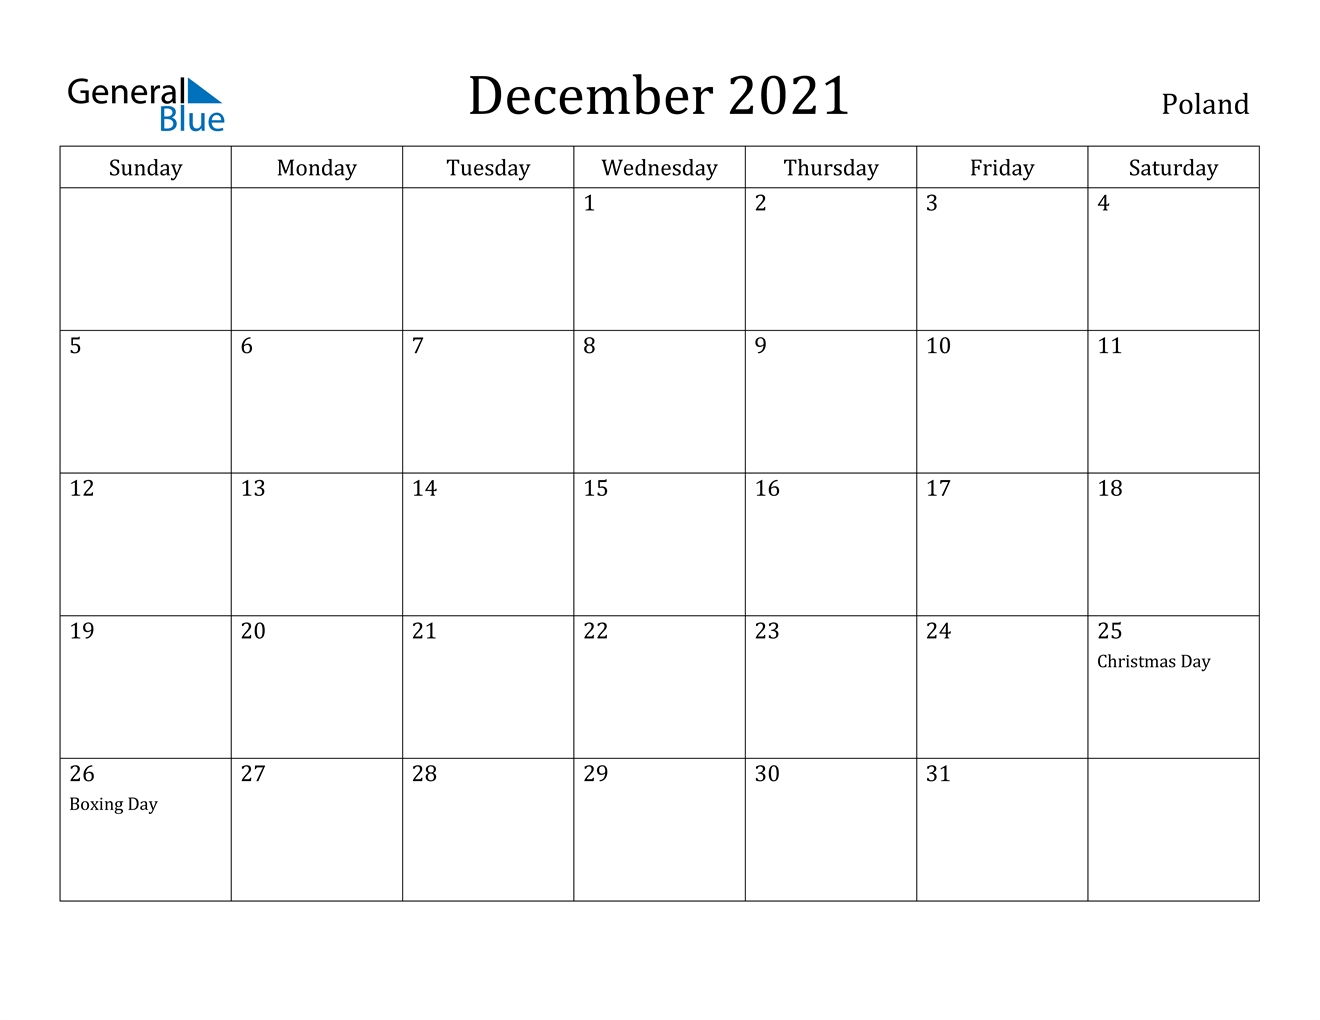 december 2021 calendar poland